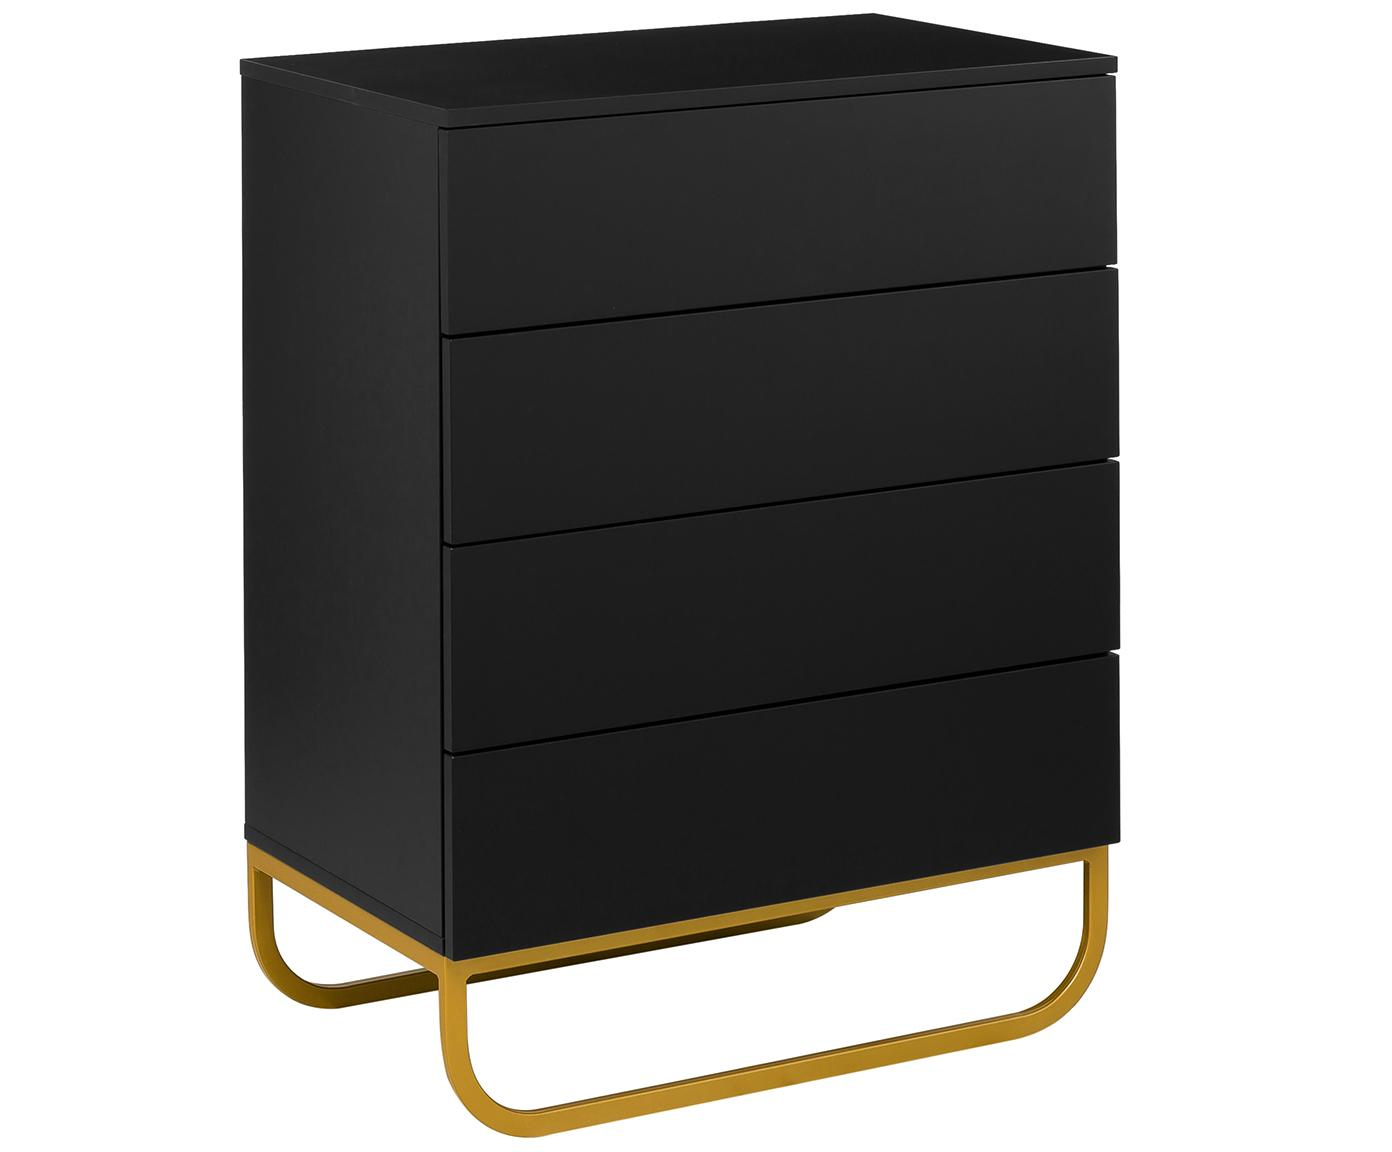 Schubladenkommode Sanford in Schwarz, Korpus: Mitteldichte Holzfaserpla, Fußgestell: Metall, pulverbeschichtet, Korpus: Schwarz, mattFußgestell: Goldfarben, matt, 80 x 106 cm